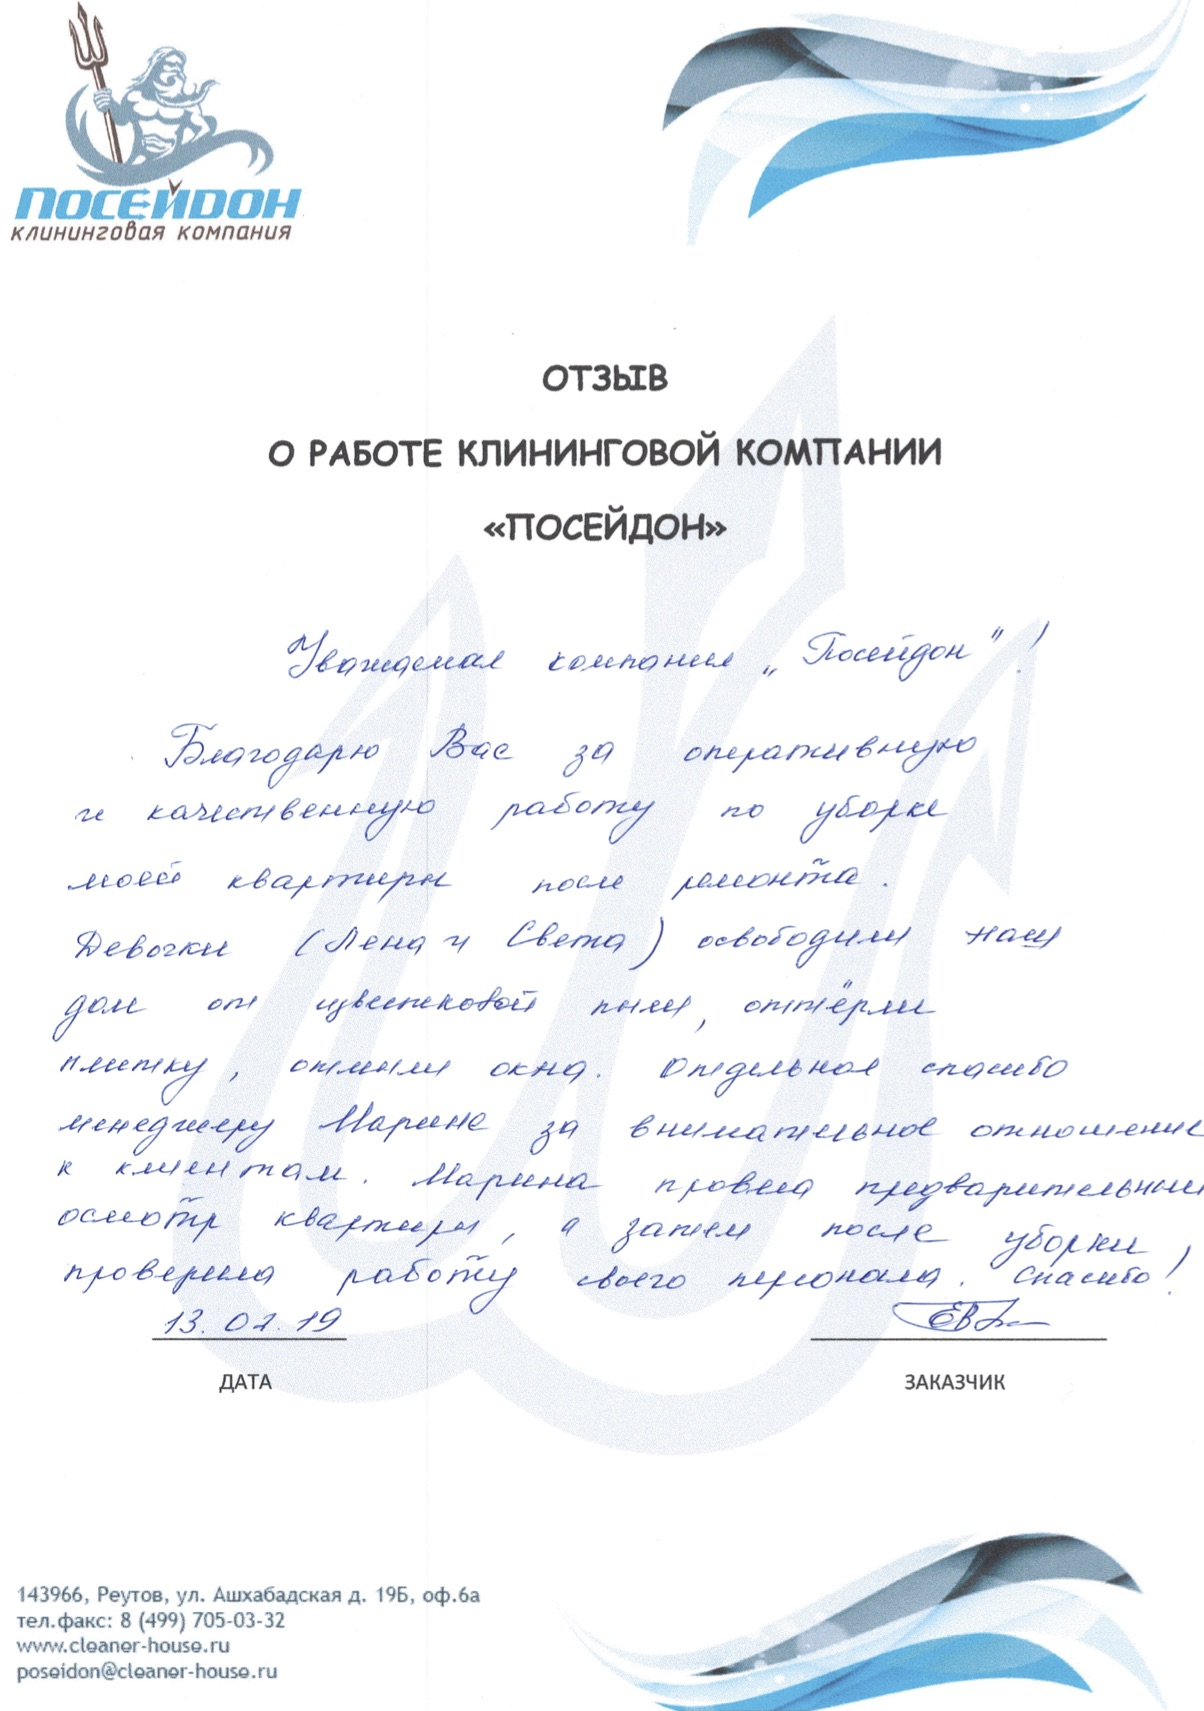 Клининговая компания и отзыв об уборке №81651